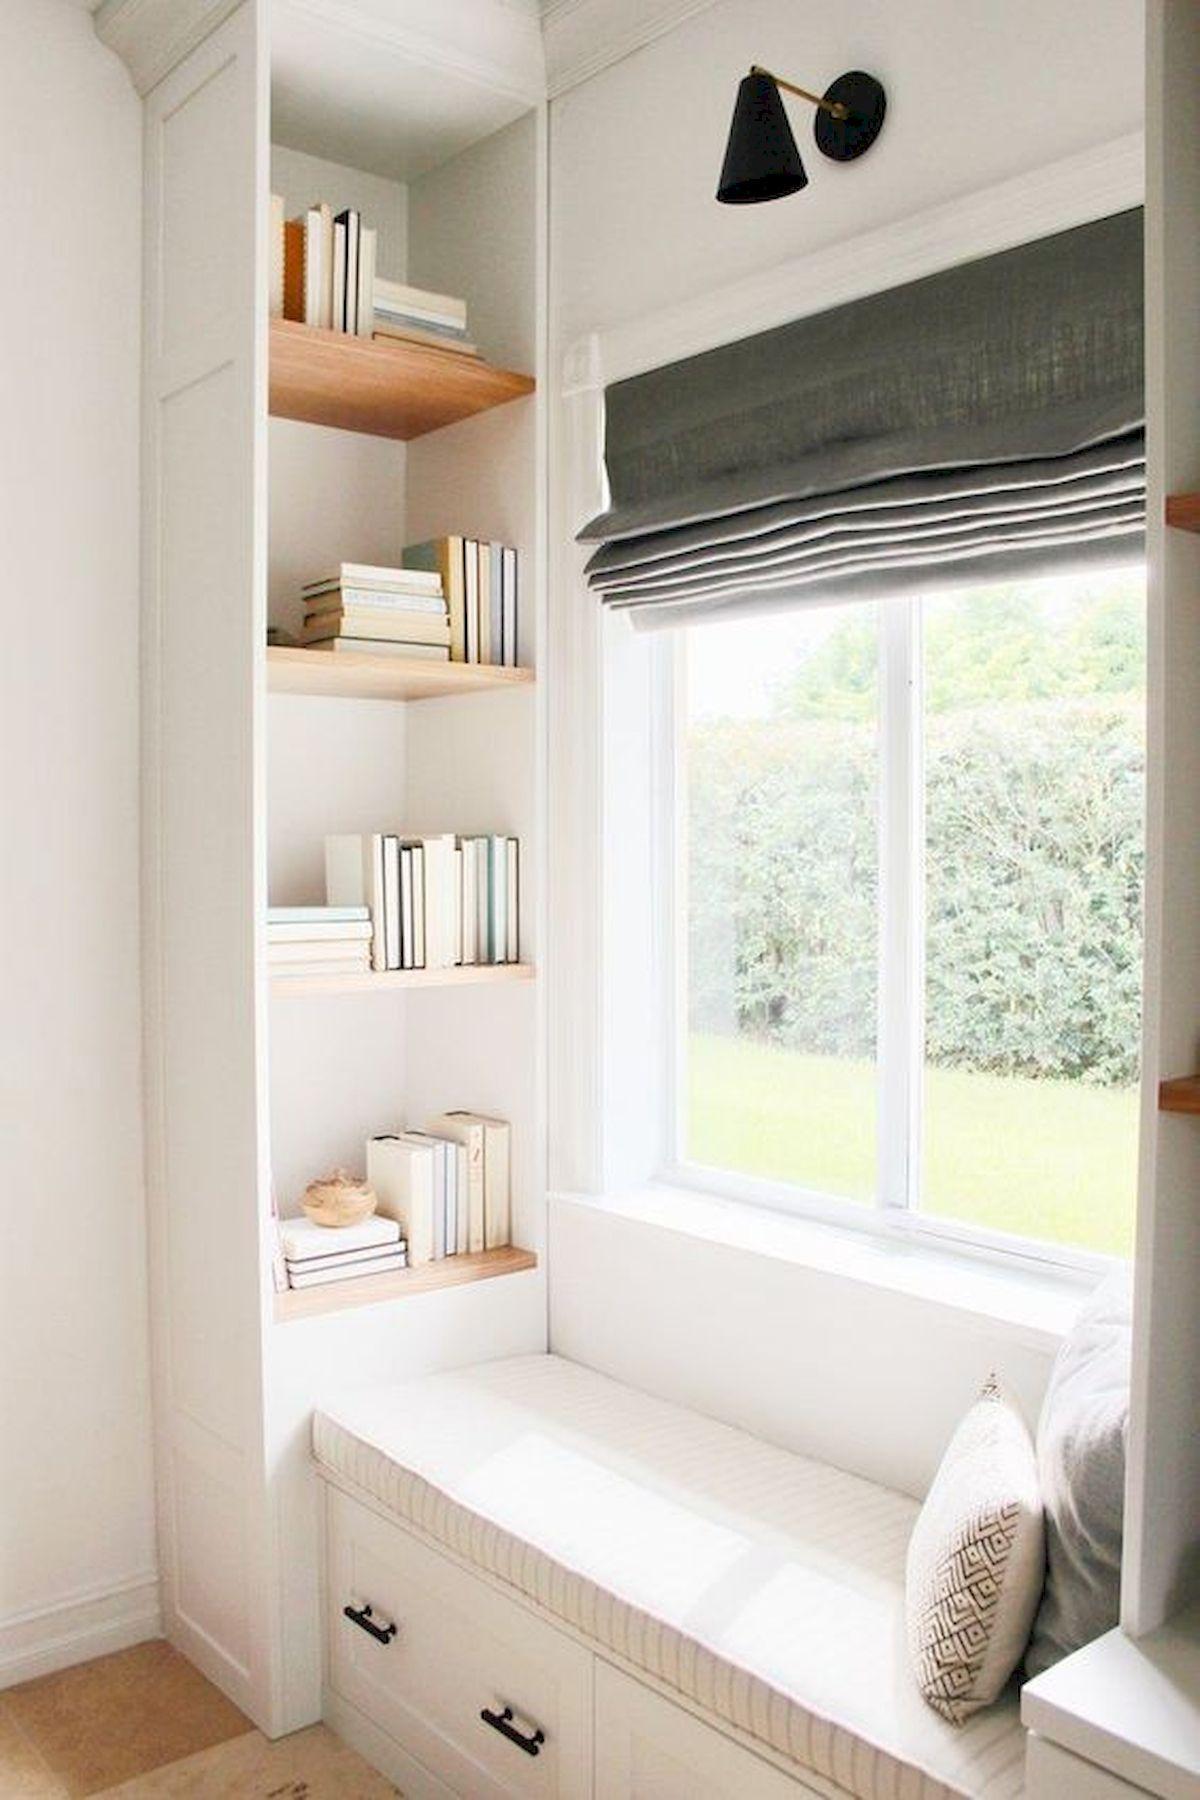 Best window seat design ideas home interior also images in rh pinterest